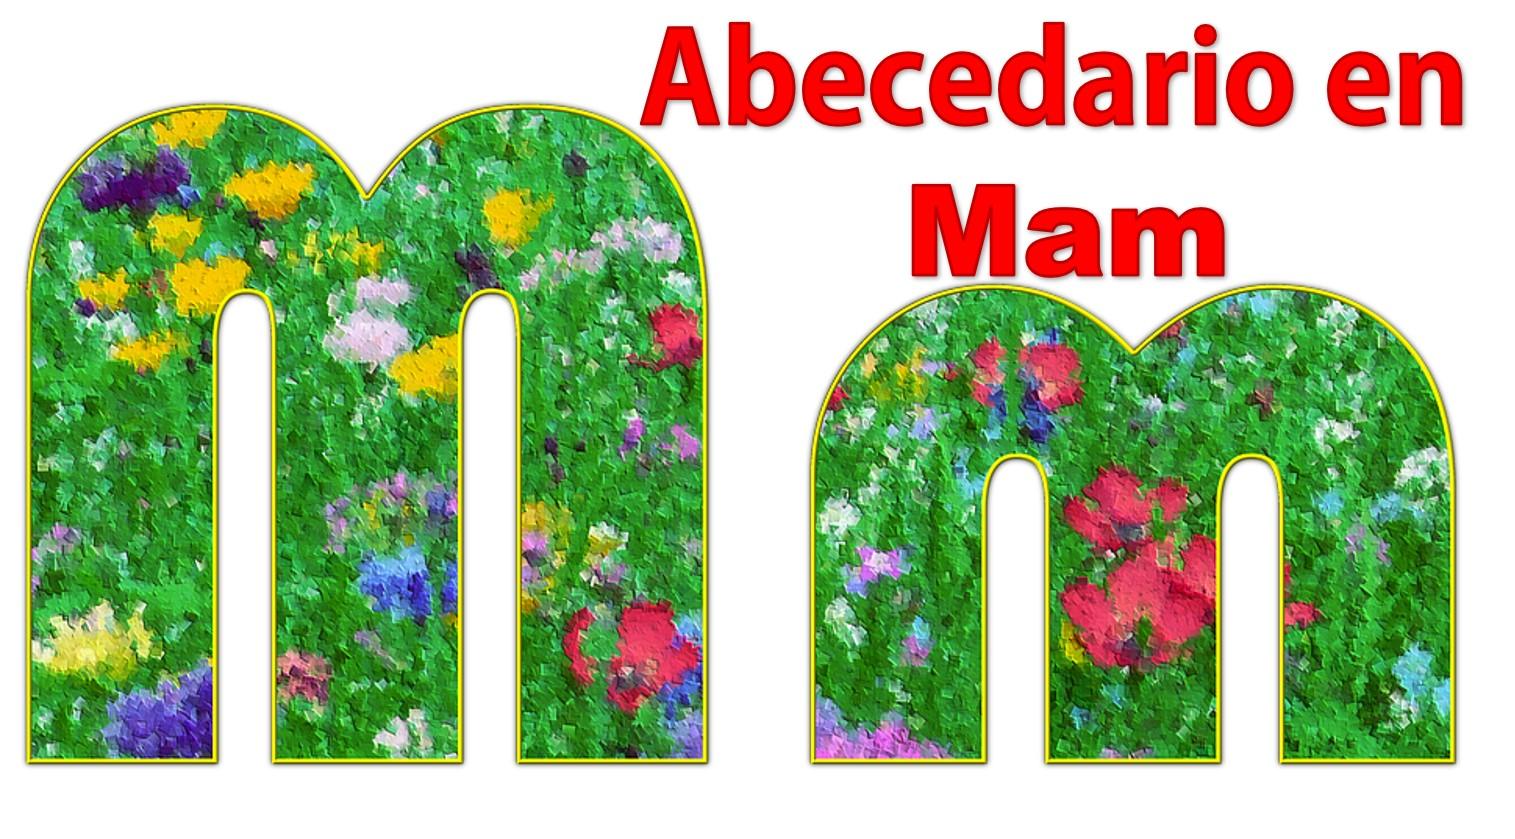 alfabeto en mam con imagenes abecedario en mam con imagenes